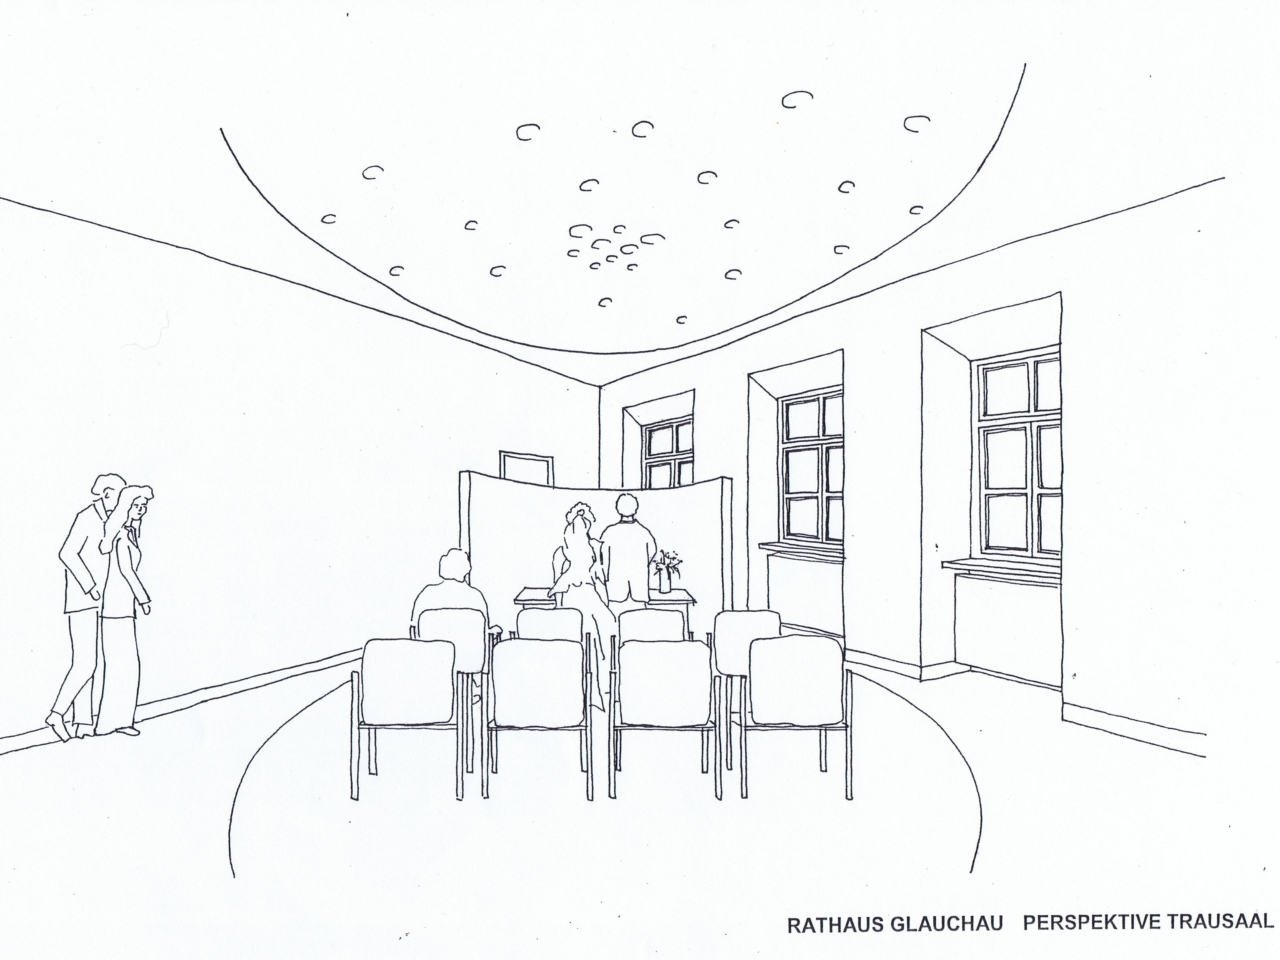 Trausaal Rathaus Glauchau